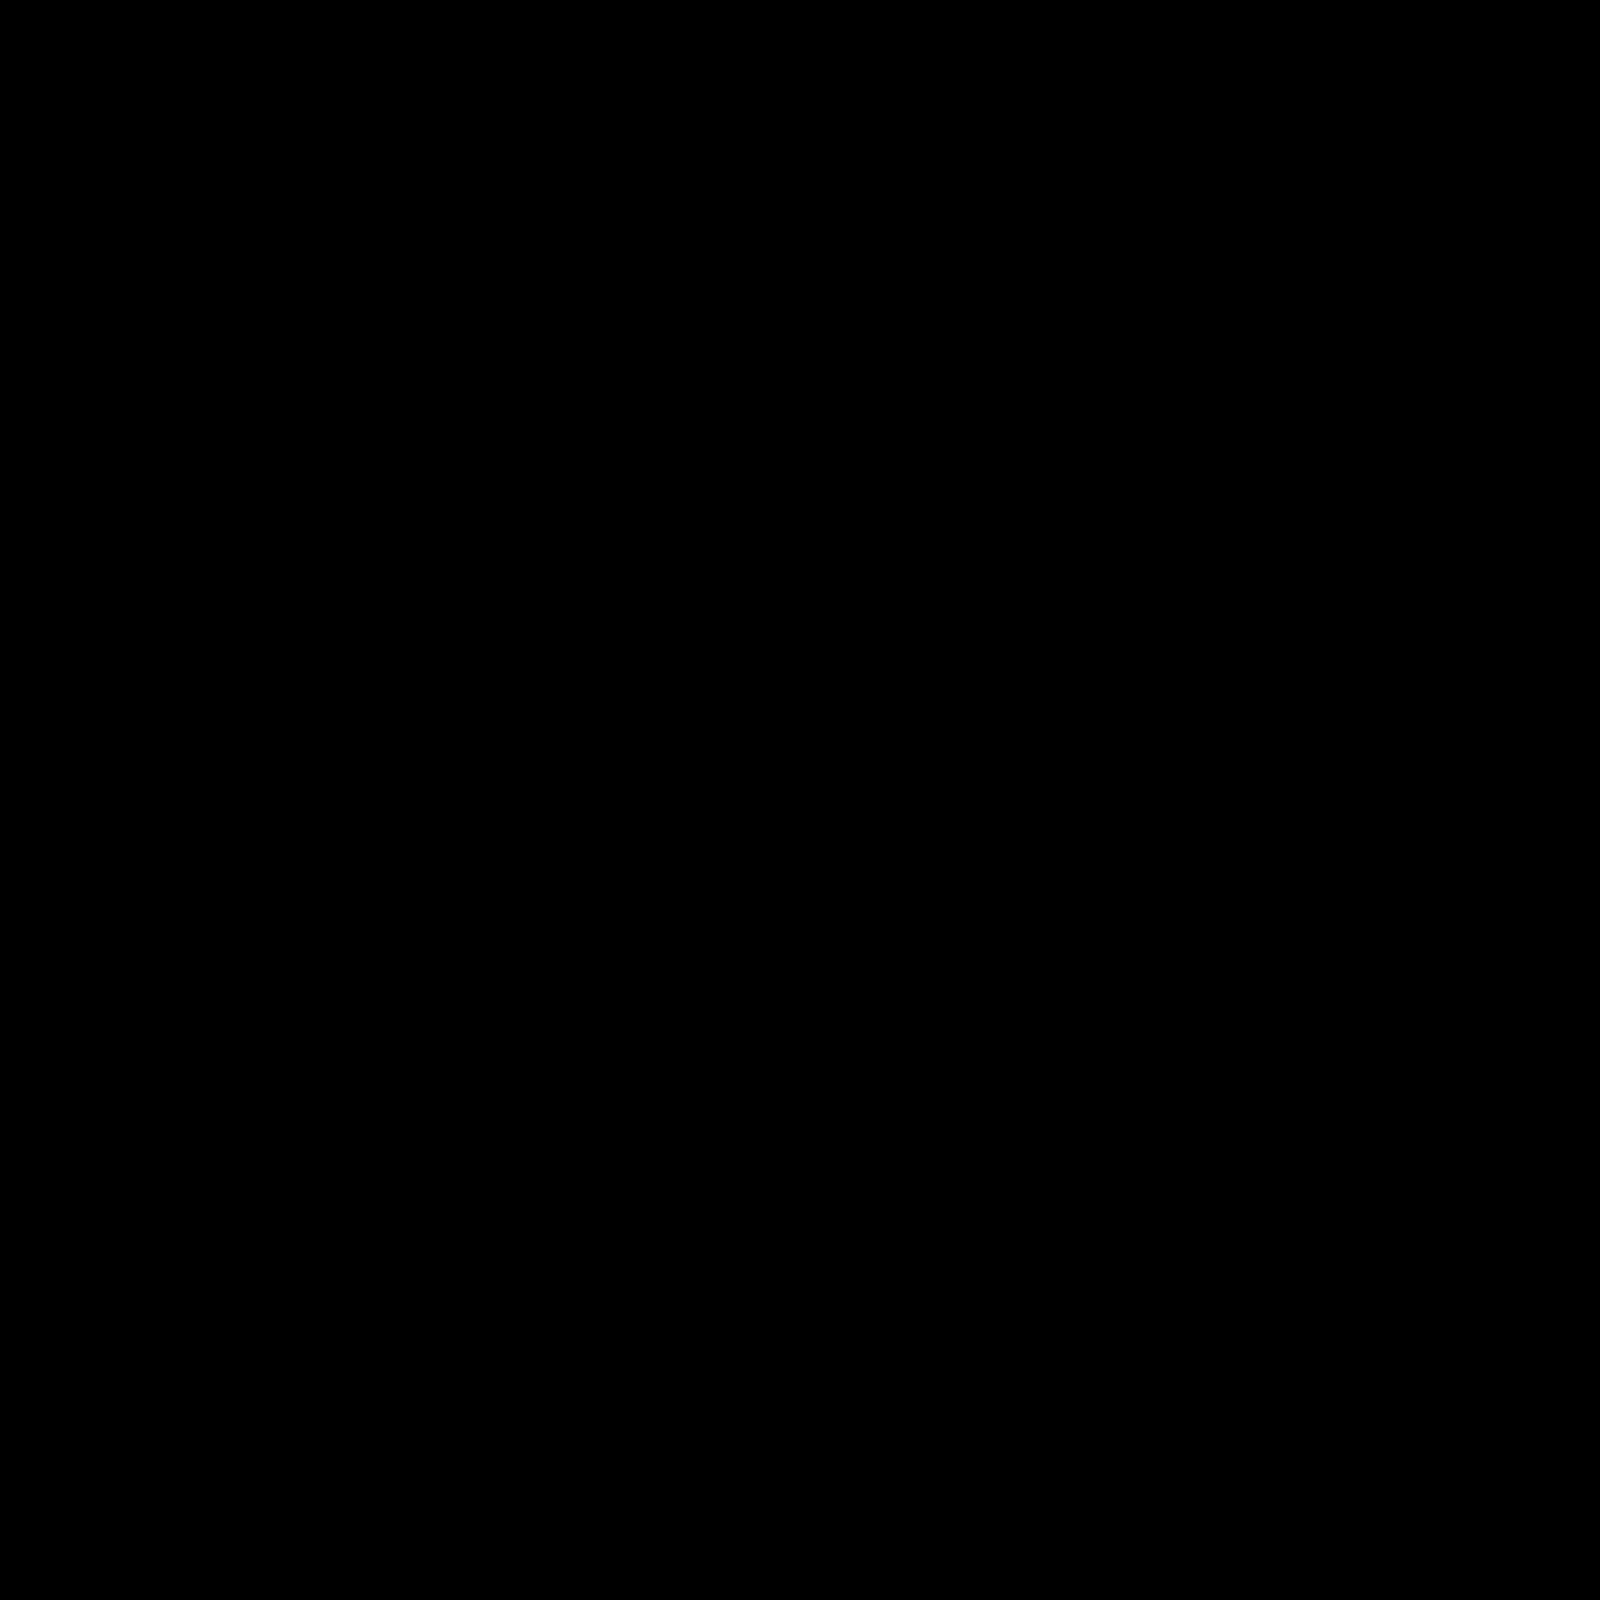 アラームオン icon